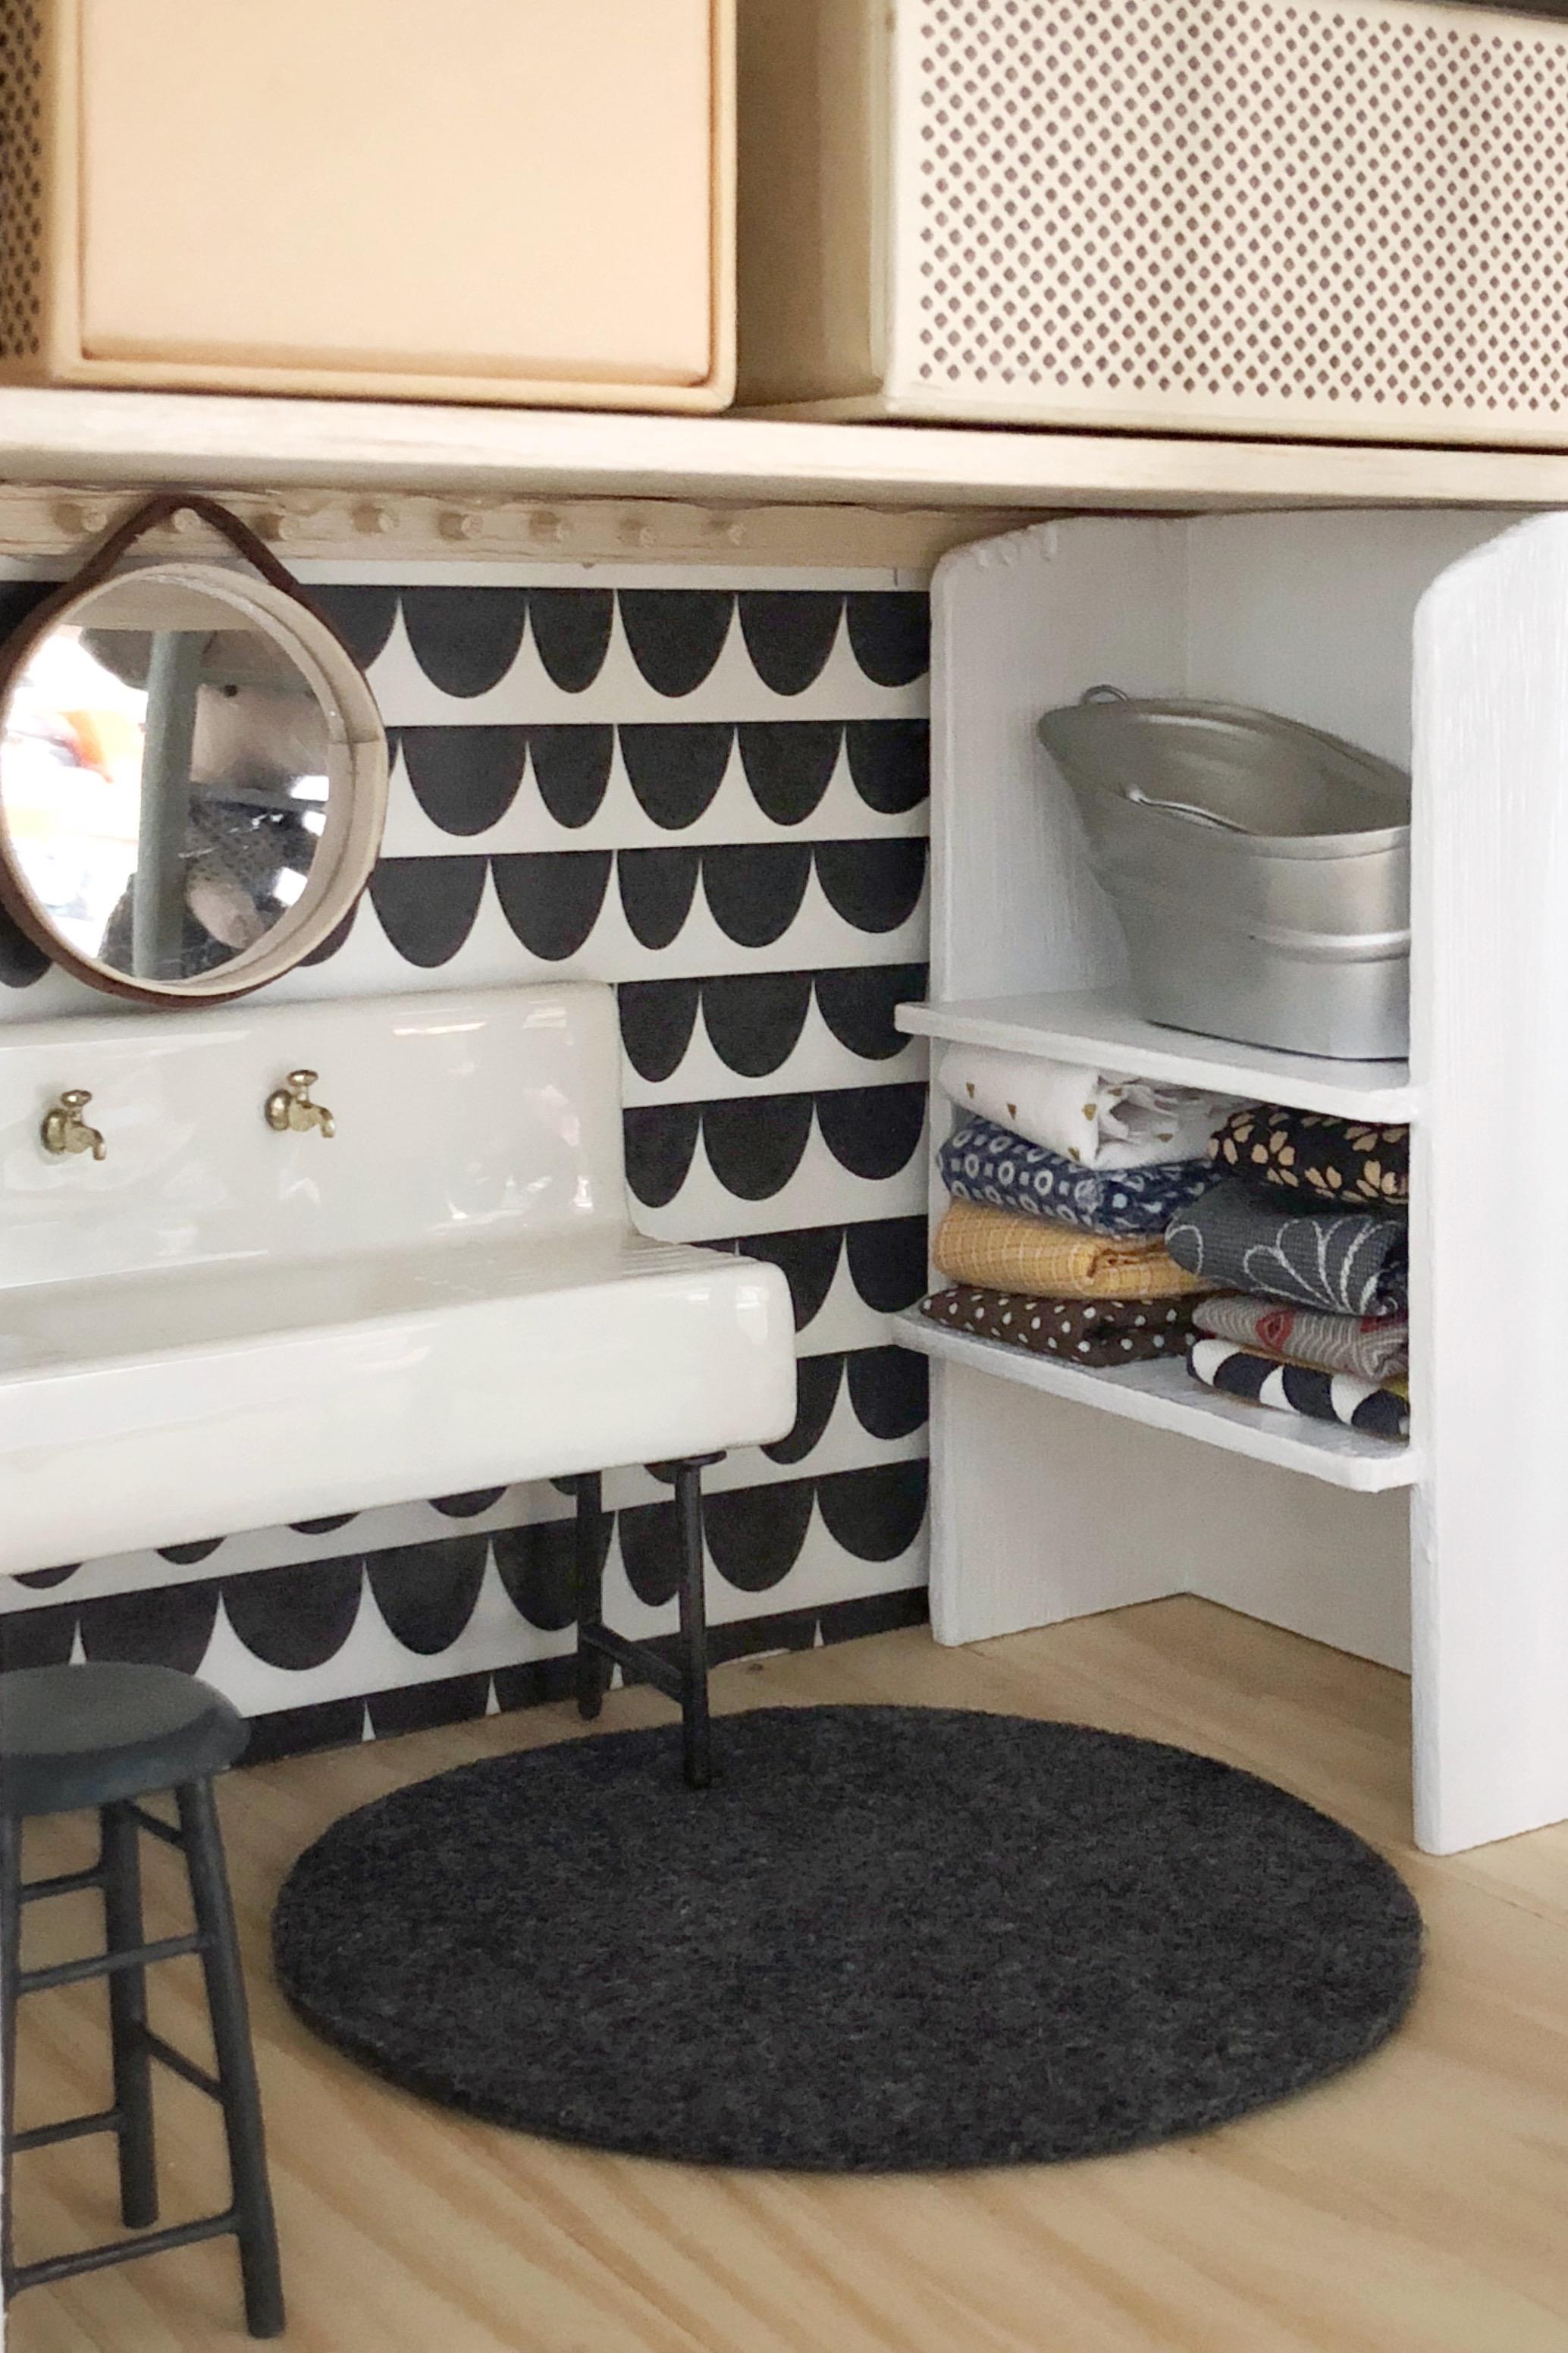 Spiegel an Hakenleiste im Waschbereich